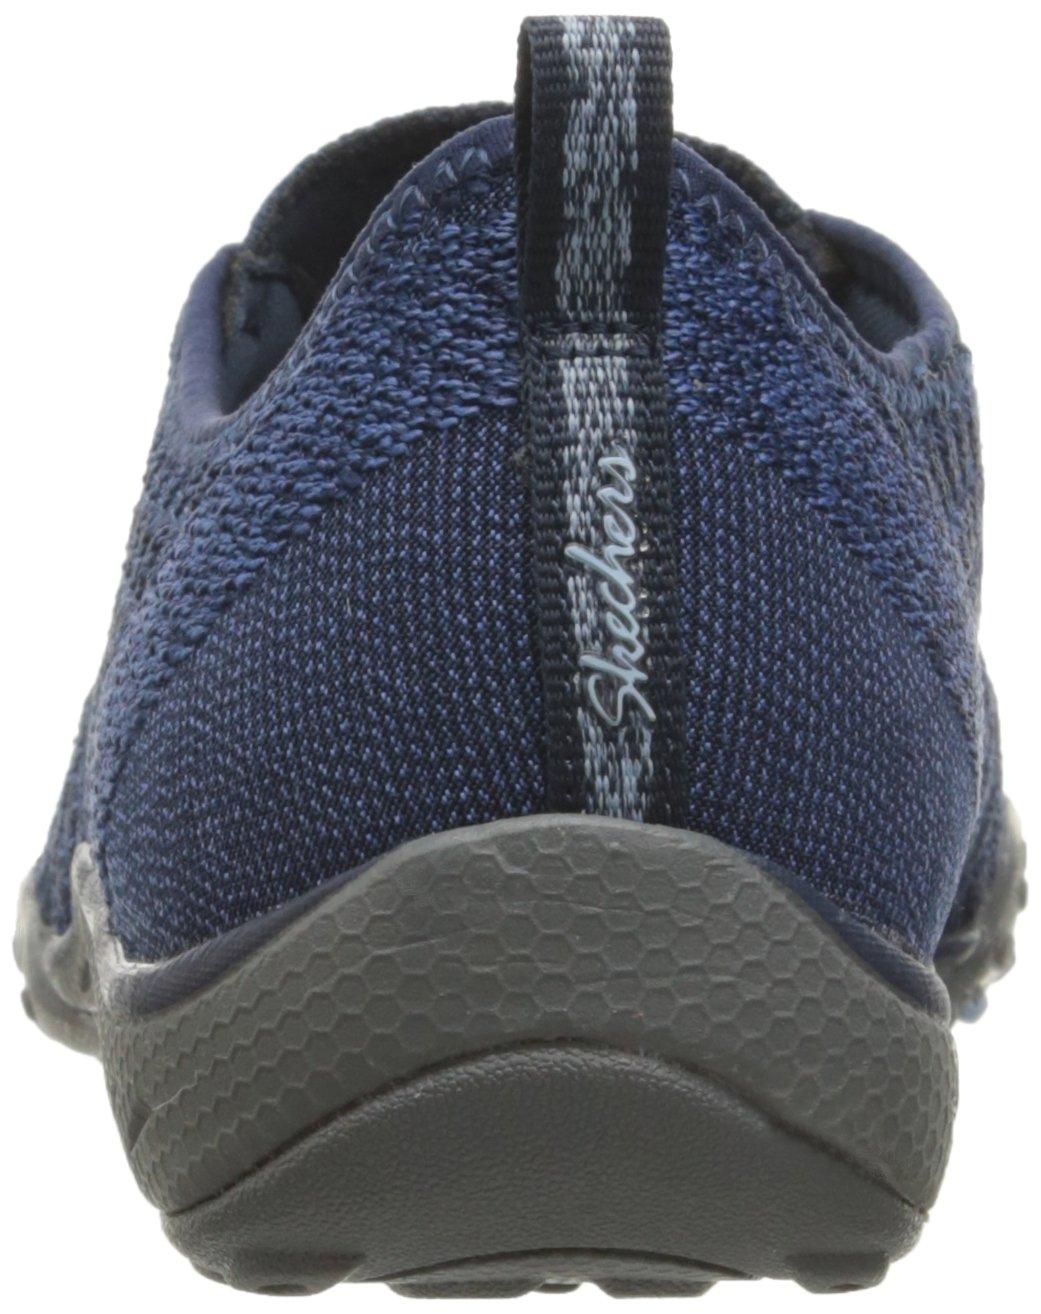 Skechers Sport Women's Breathe Easy Fortune Fashion Sneaker,Navy Knit,5.5 M US by Skechers (Image #2)